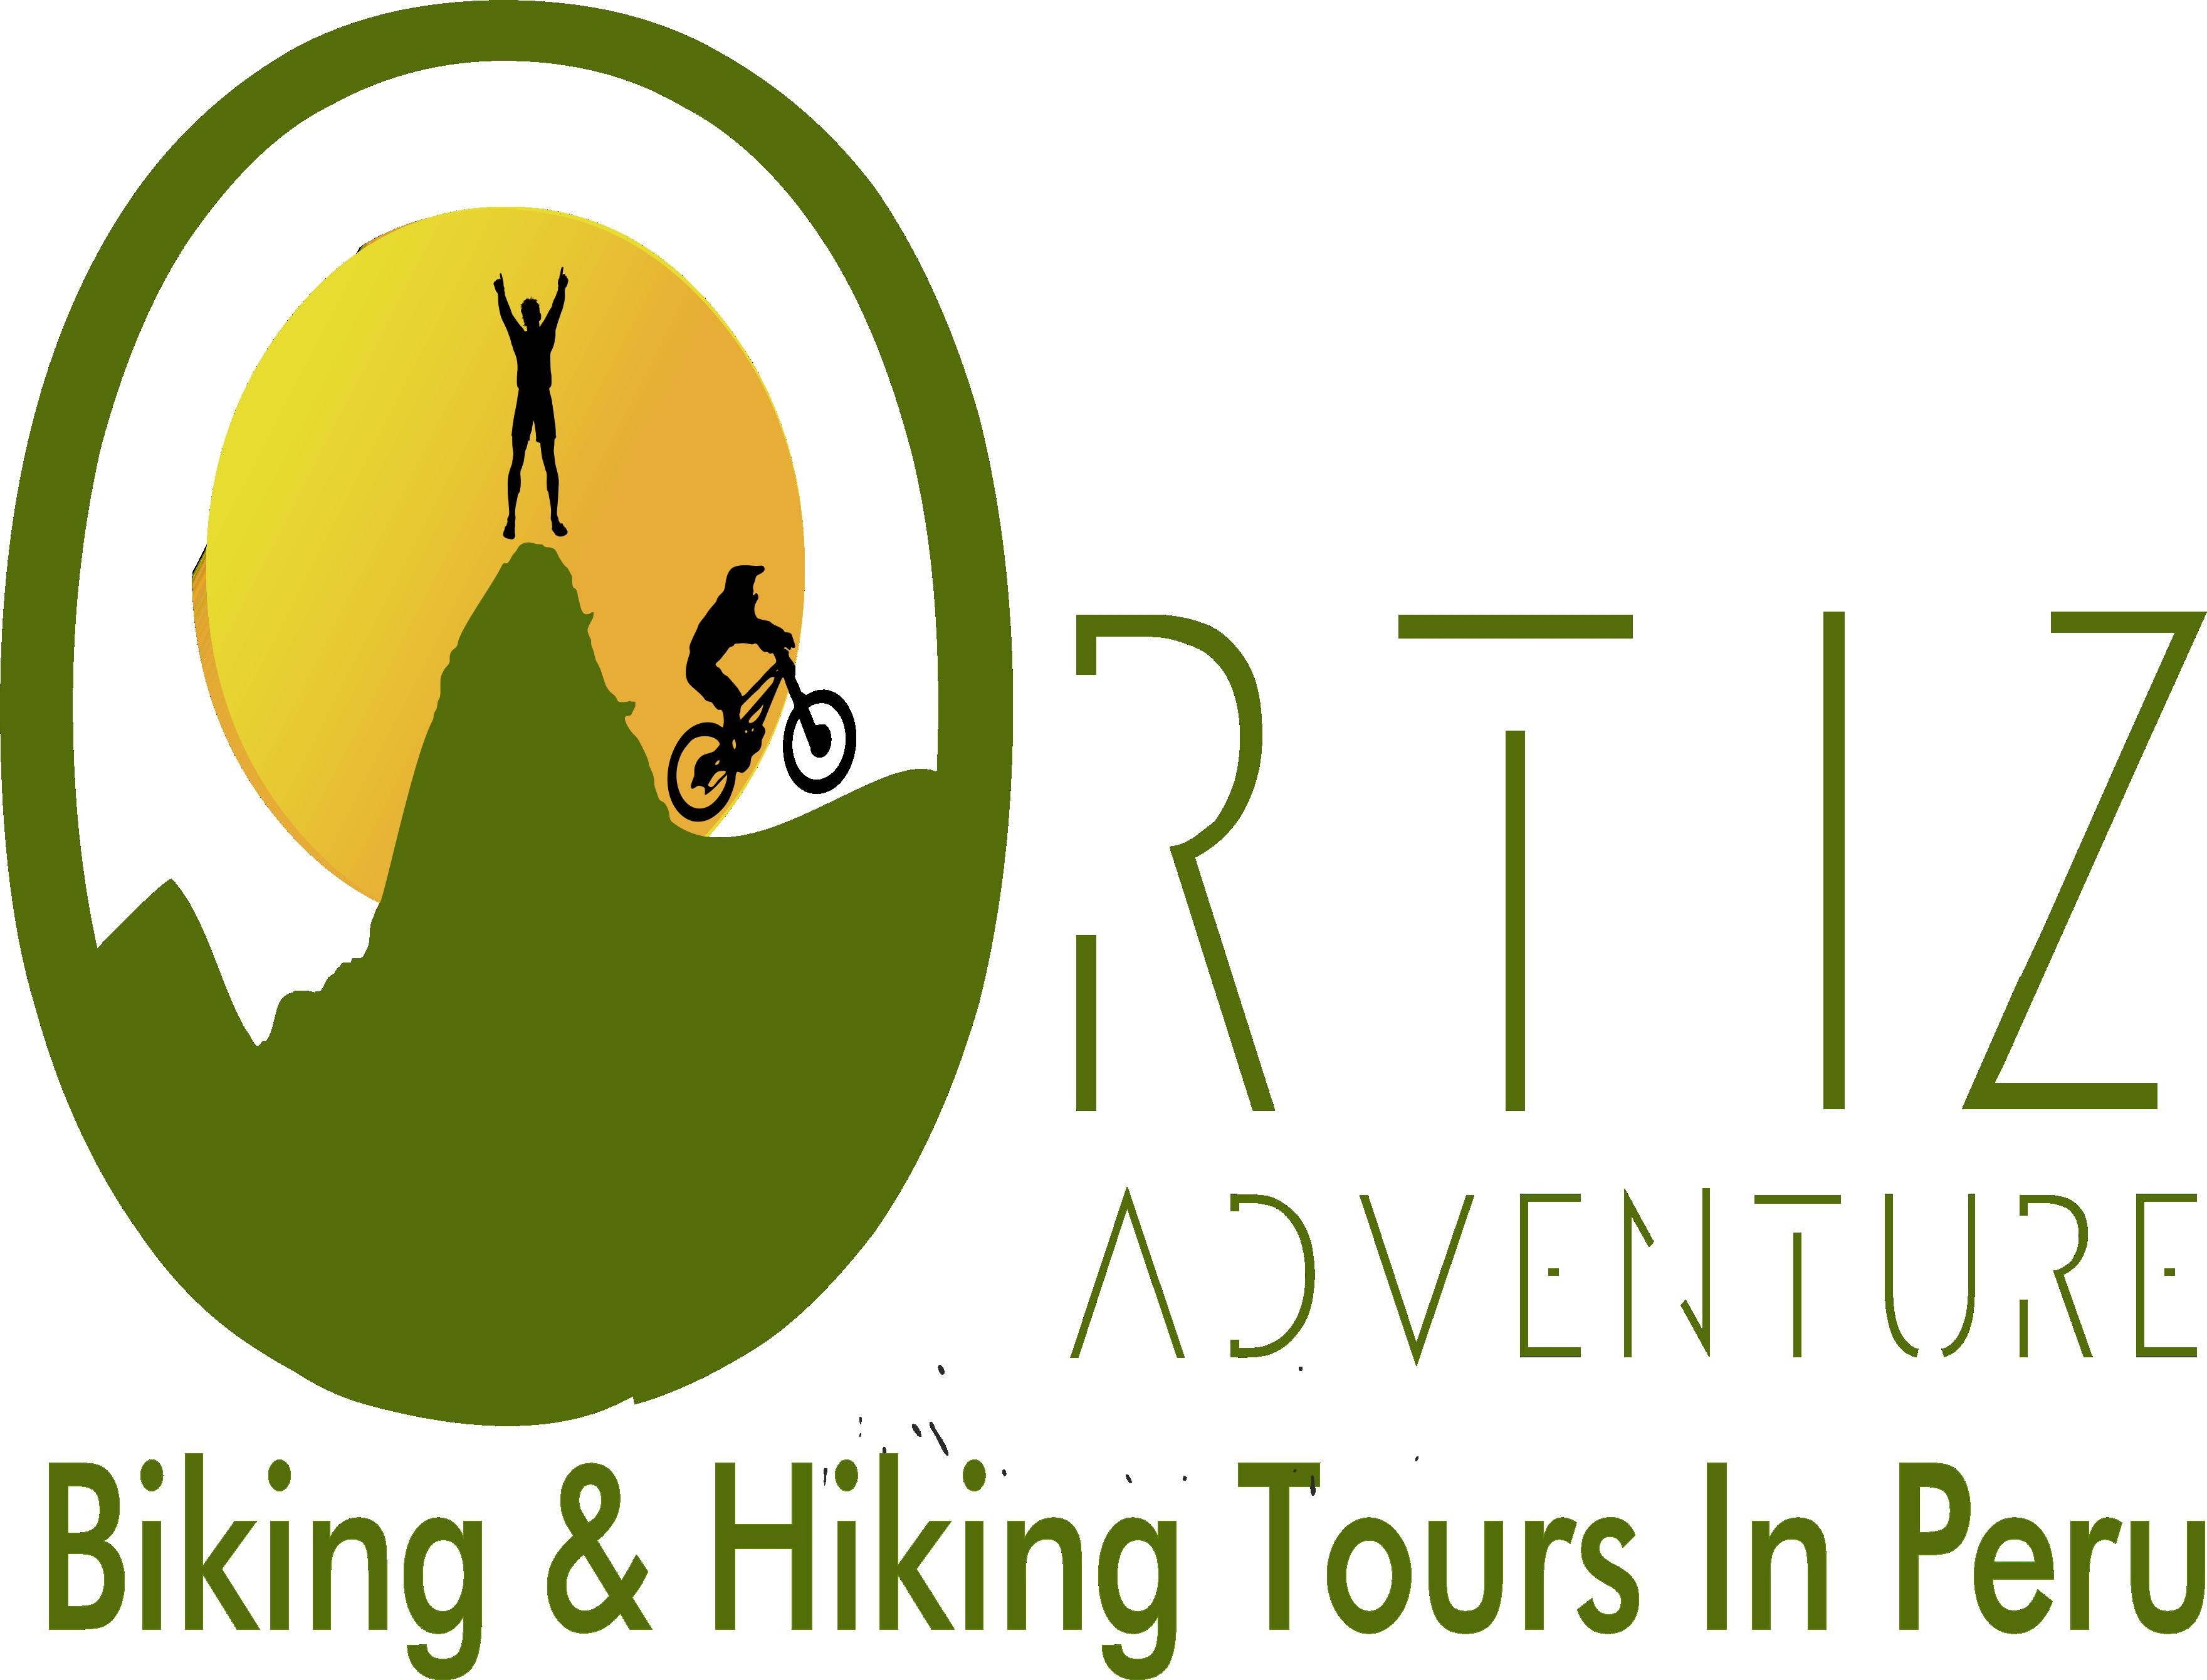 Ortiz Adventure Perú